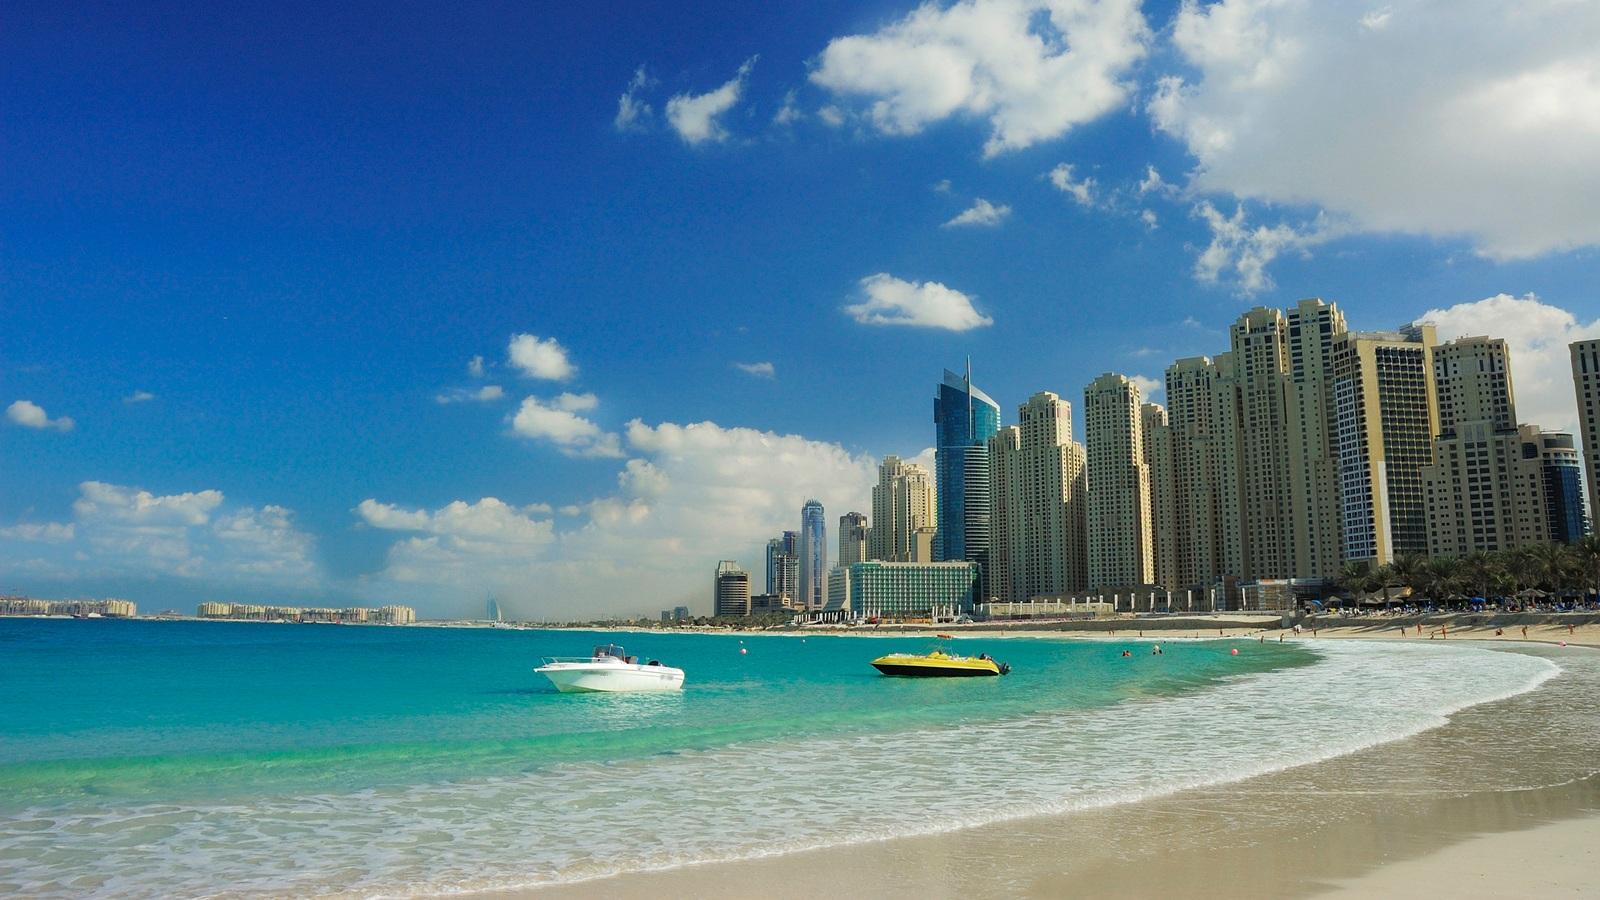 beach scene wallpaper Jumeirah